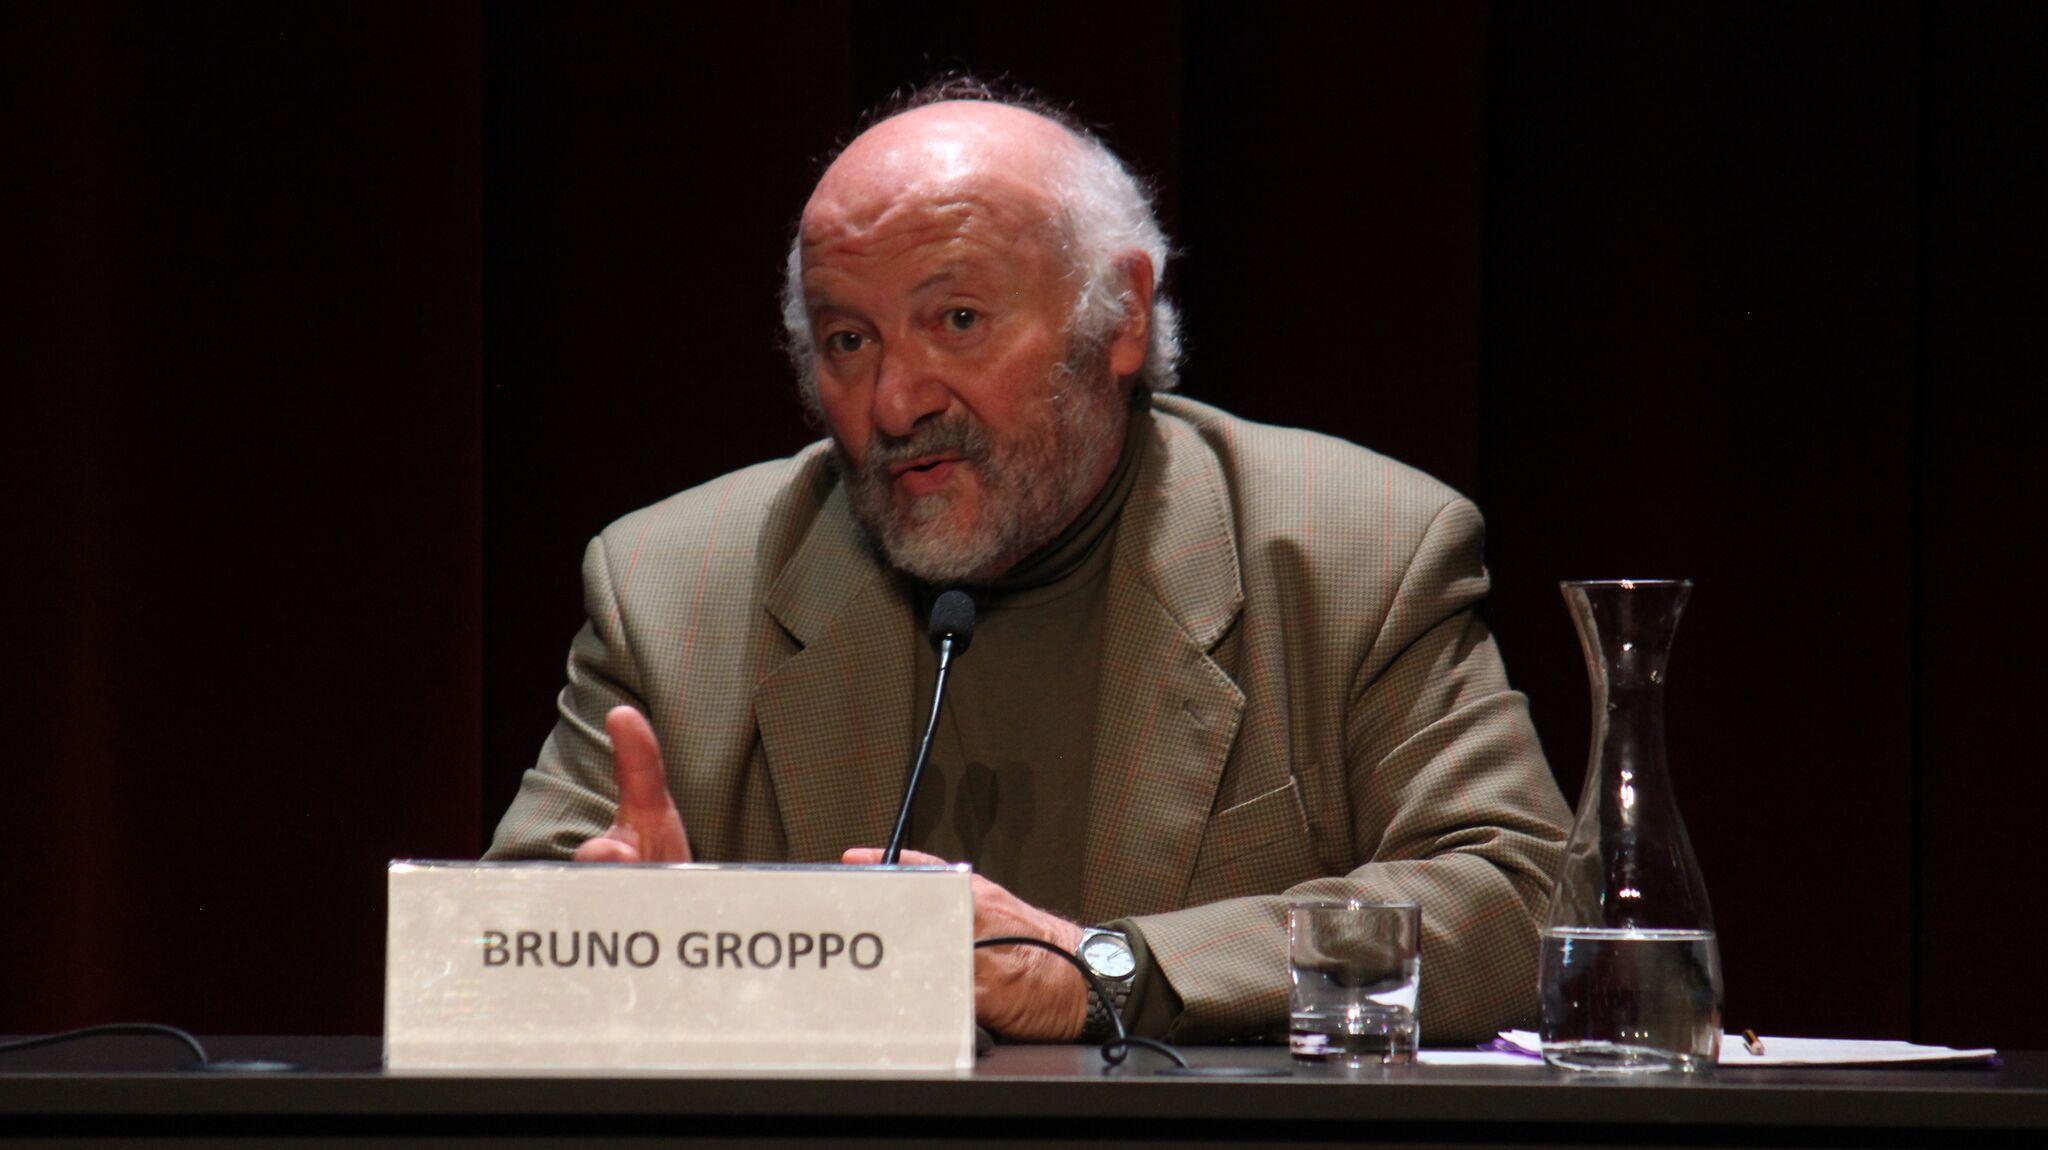 Bruno Groppo